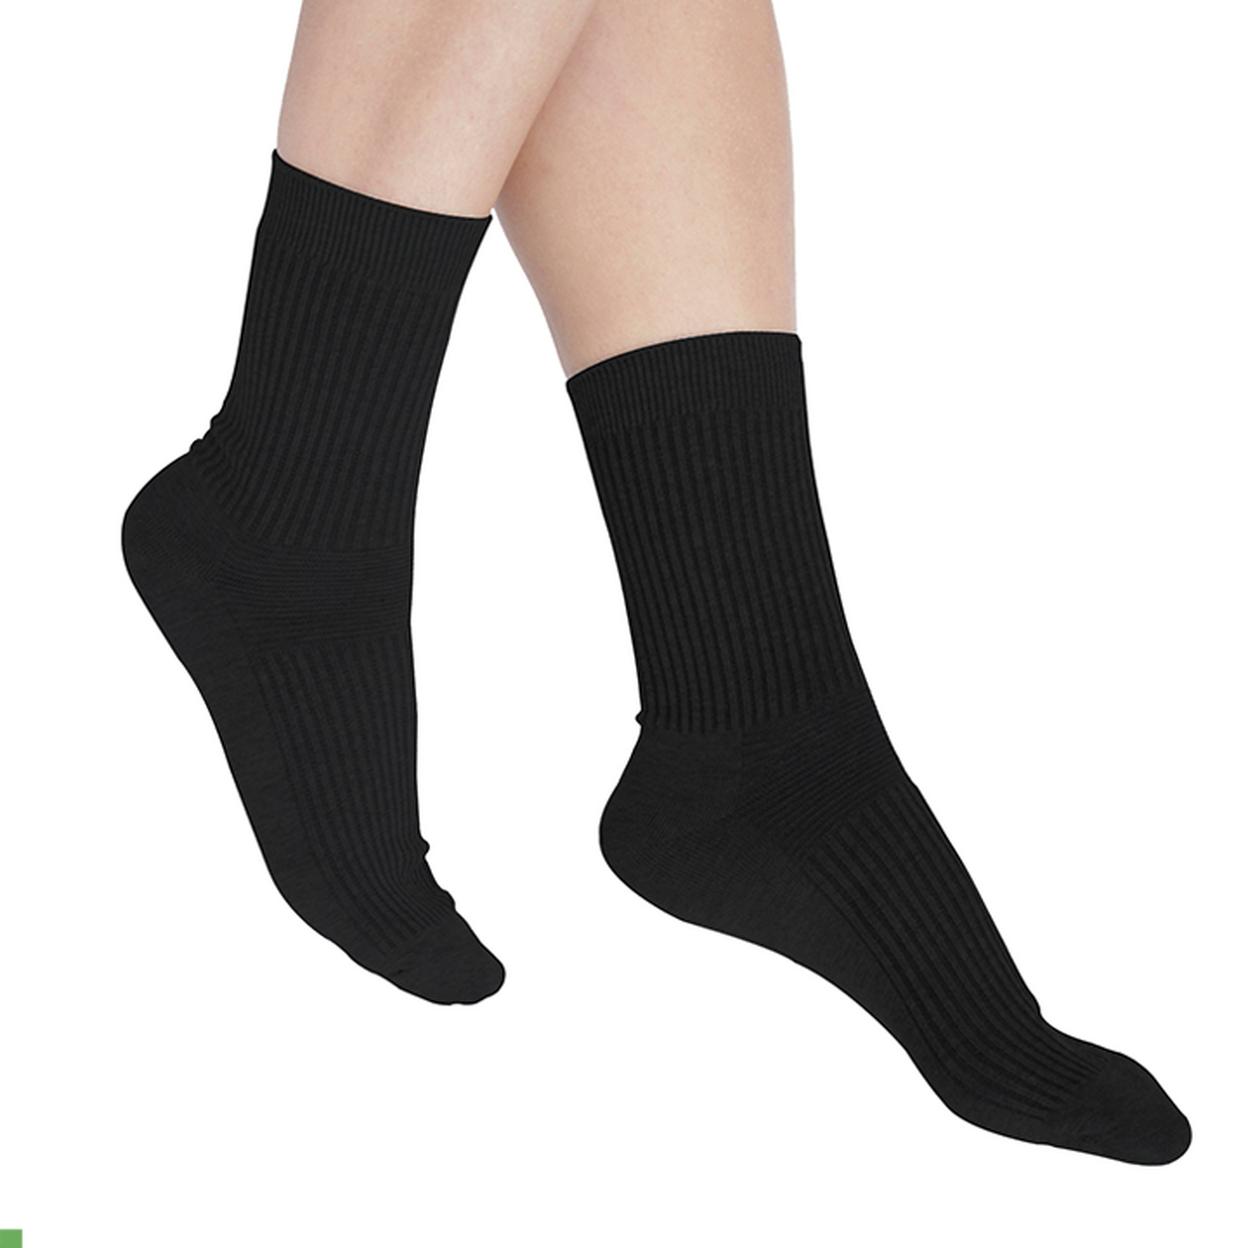 Natural Relief Socks (Dark Grey) 56fc63e26f3d6f2f388b478e